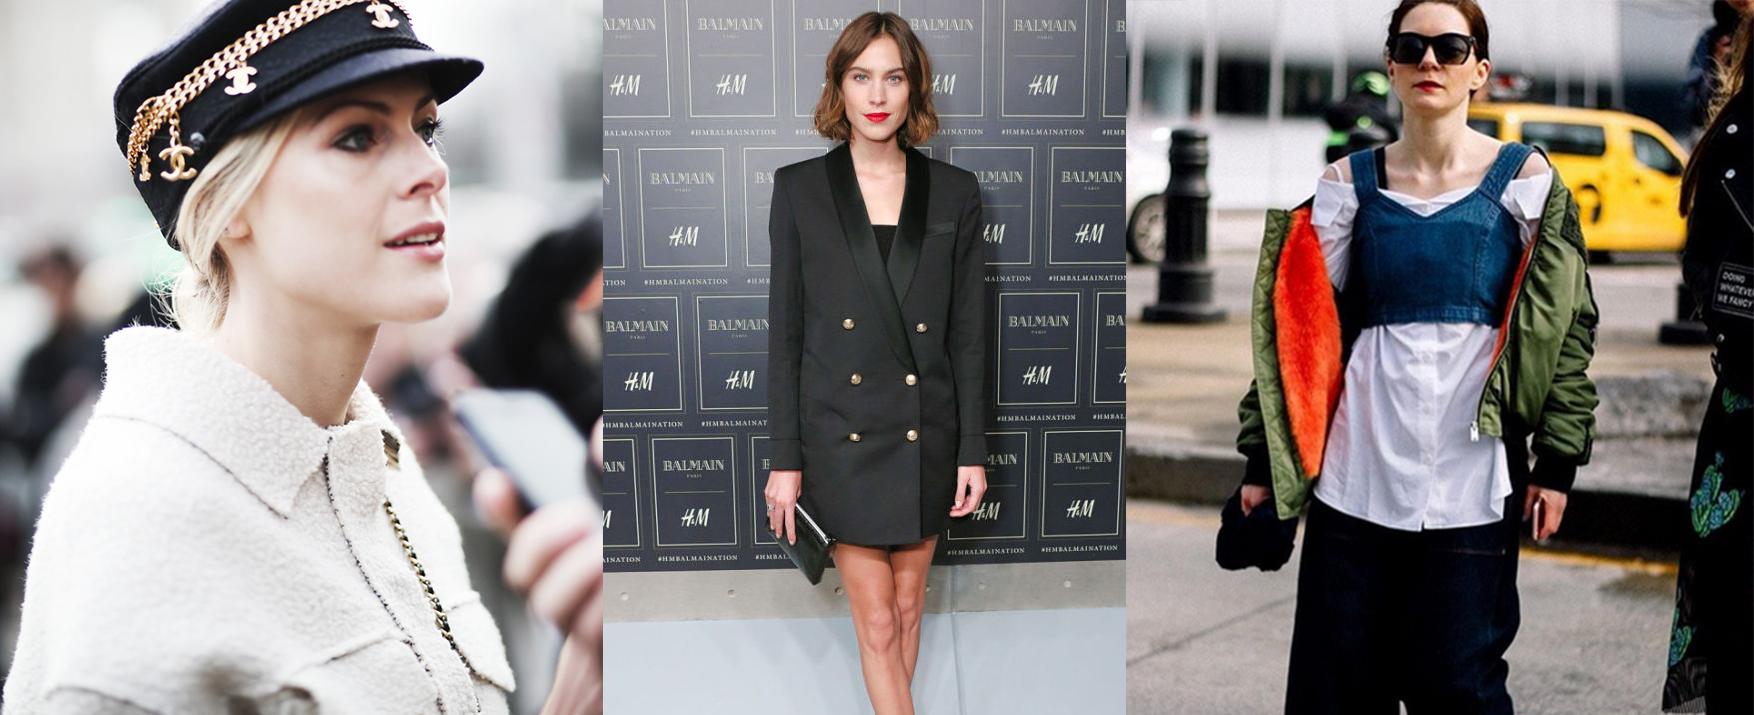 9 tendencias de moda que arrasarán en 2018